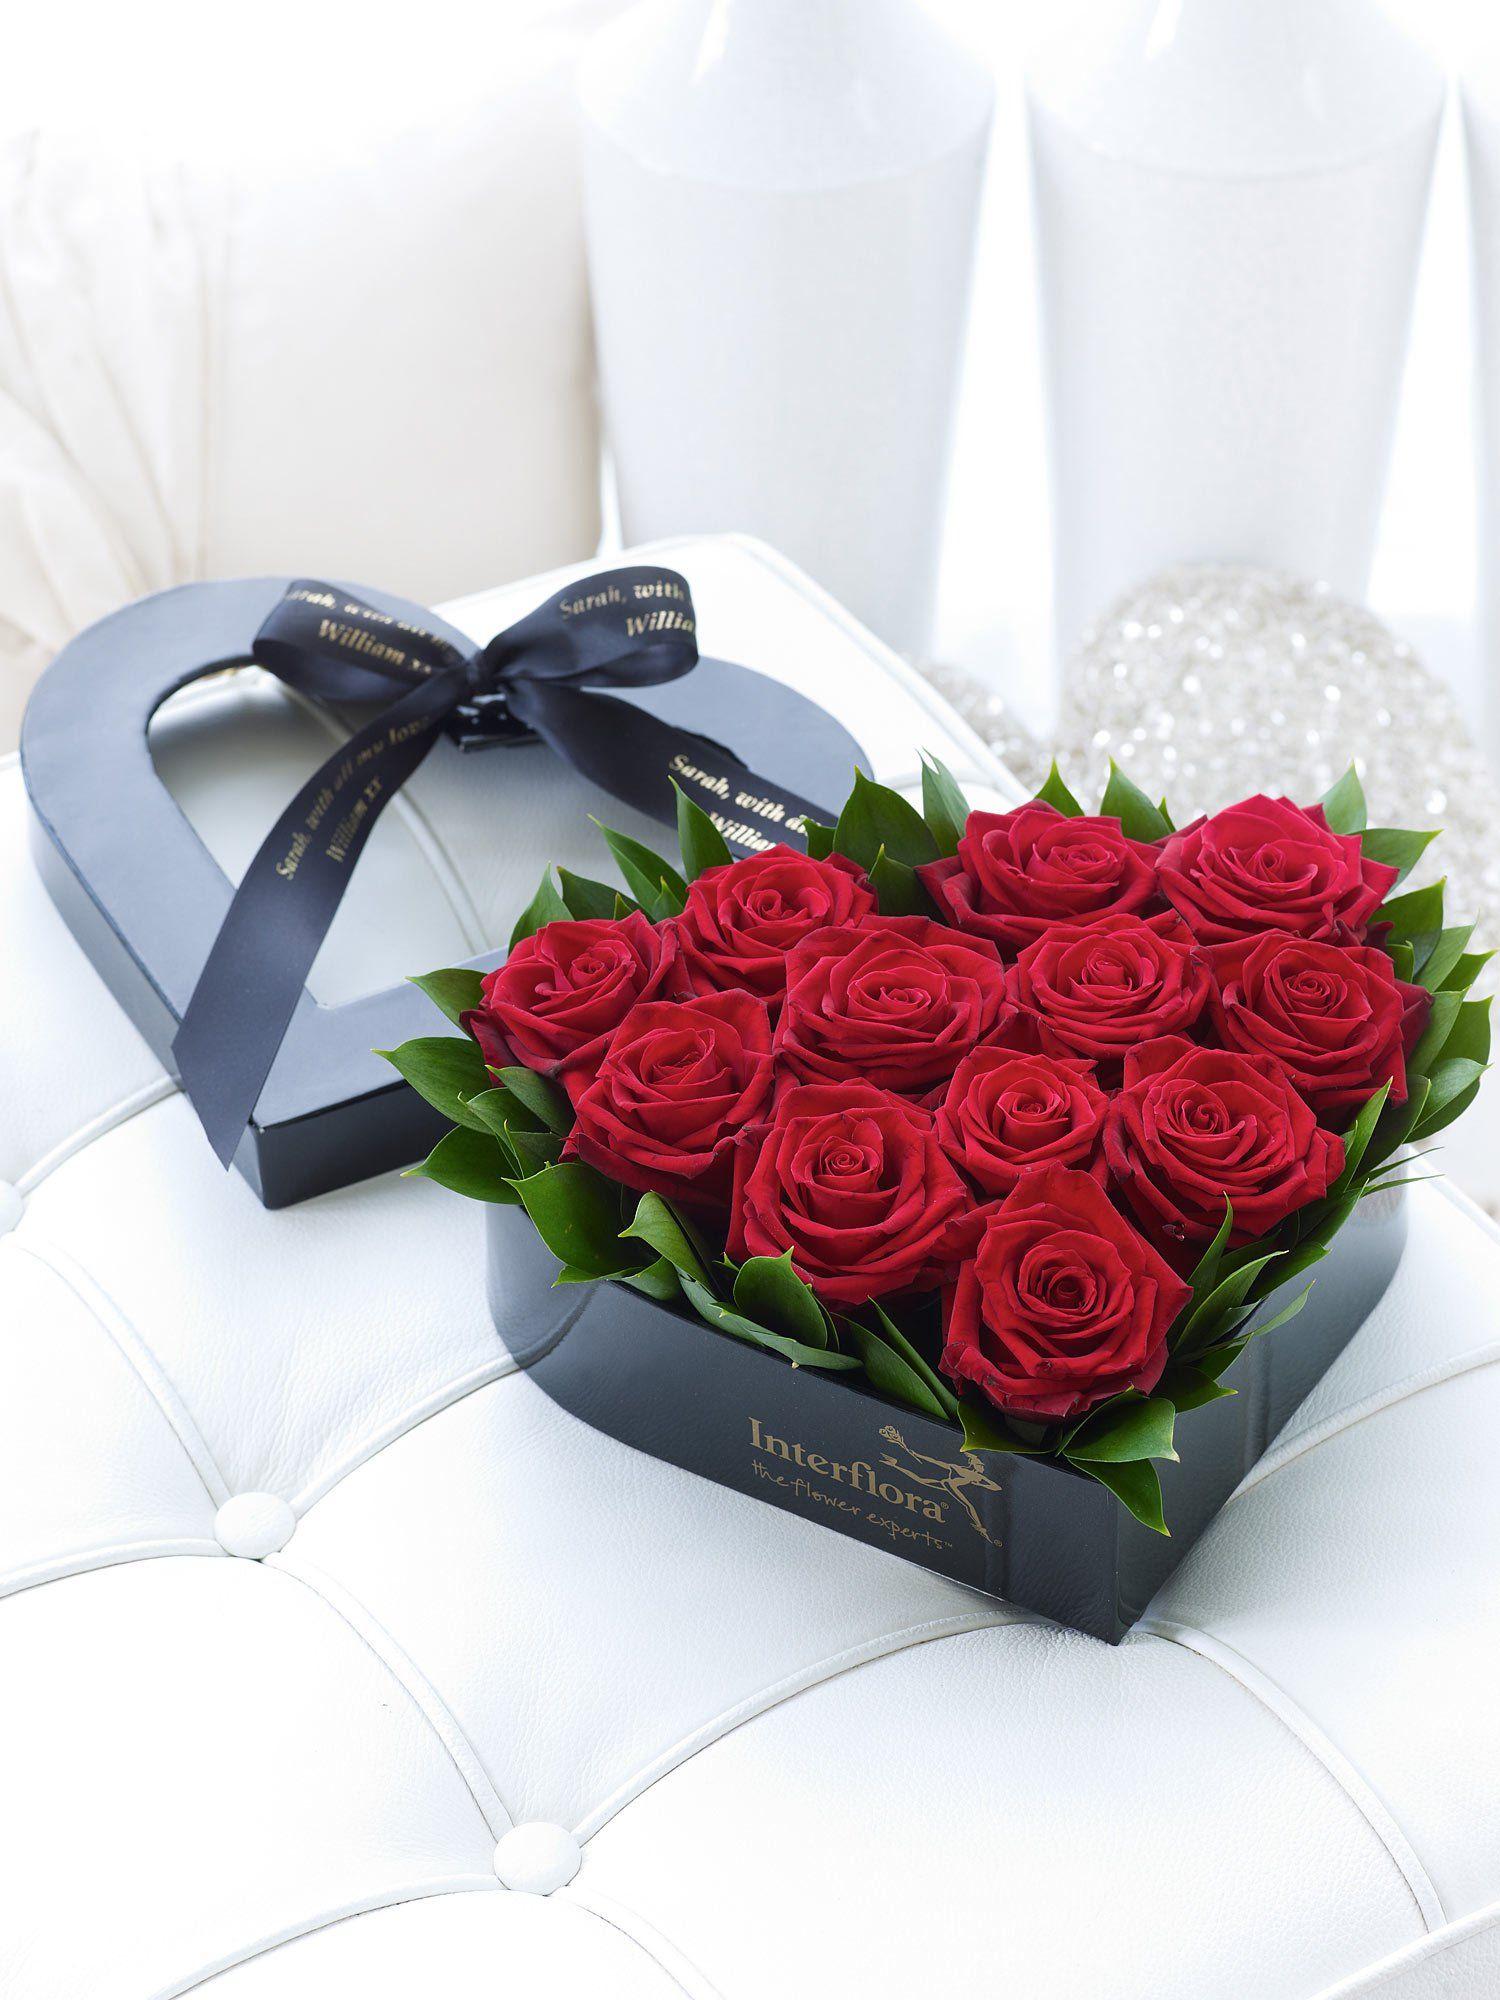 Personalised Red Rose Heart Box Red Rouge Blumen Rosen Blumen